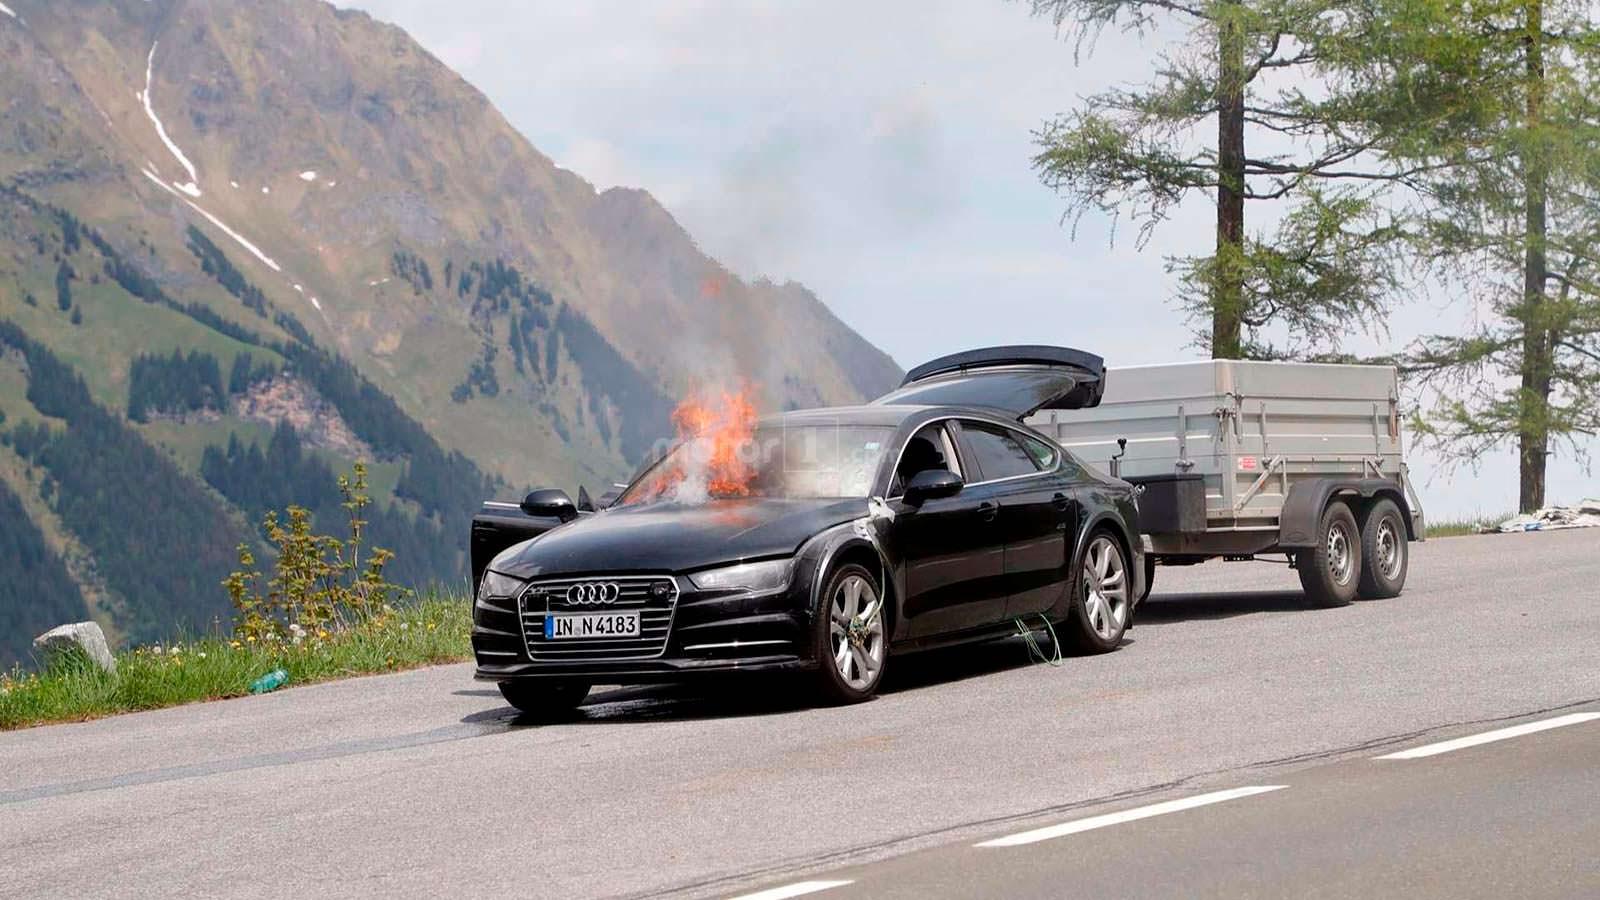 Пламя уничтожило прототип Audi A7 Sportback второго поколения